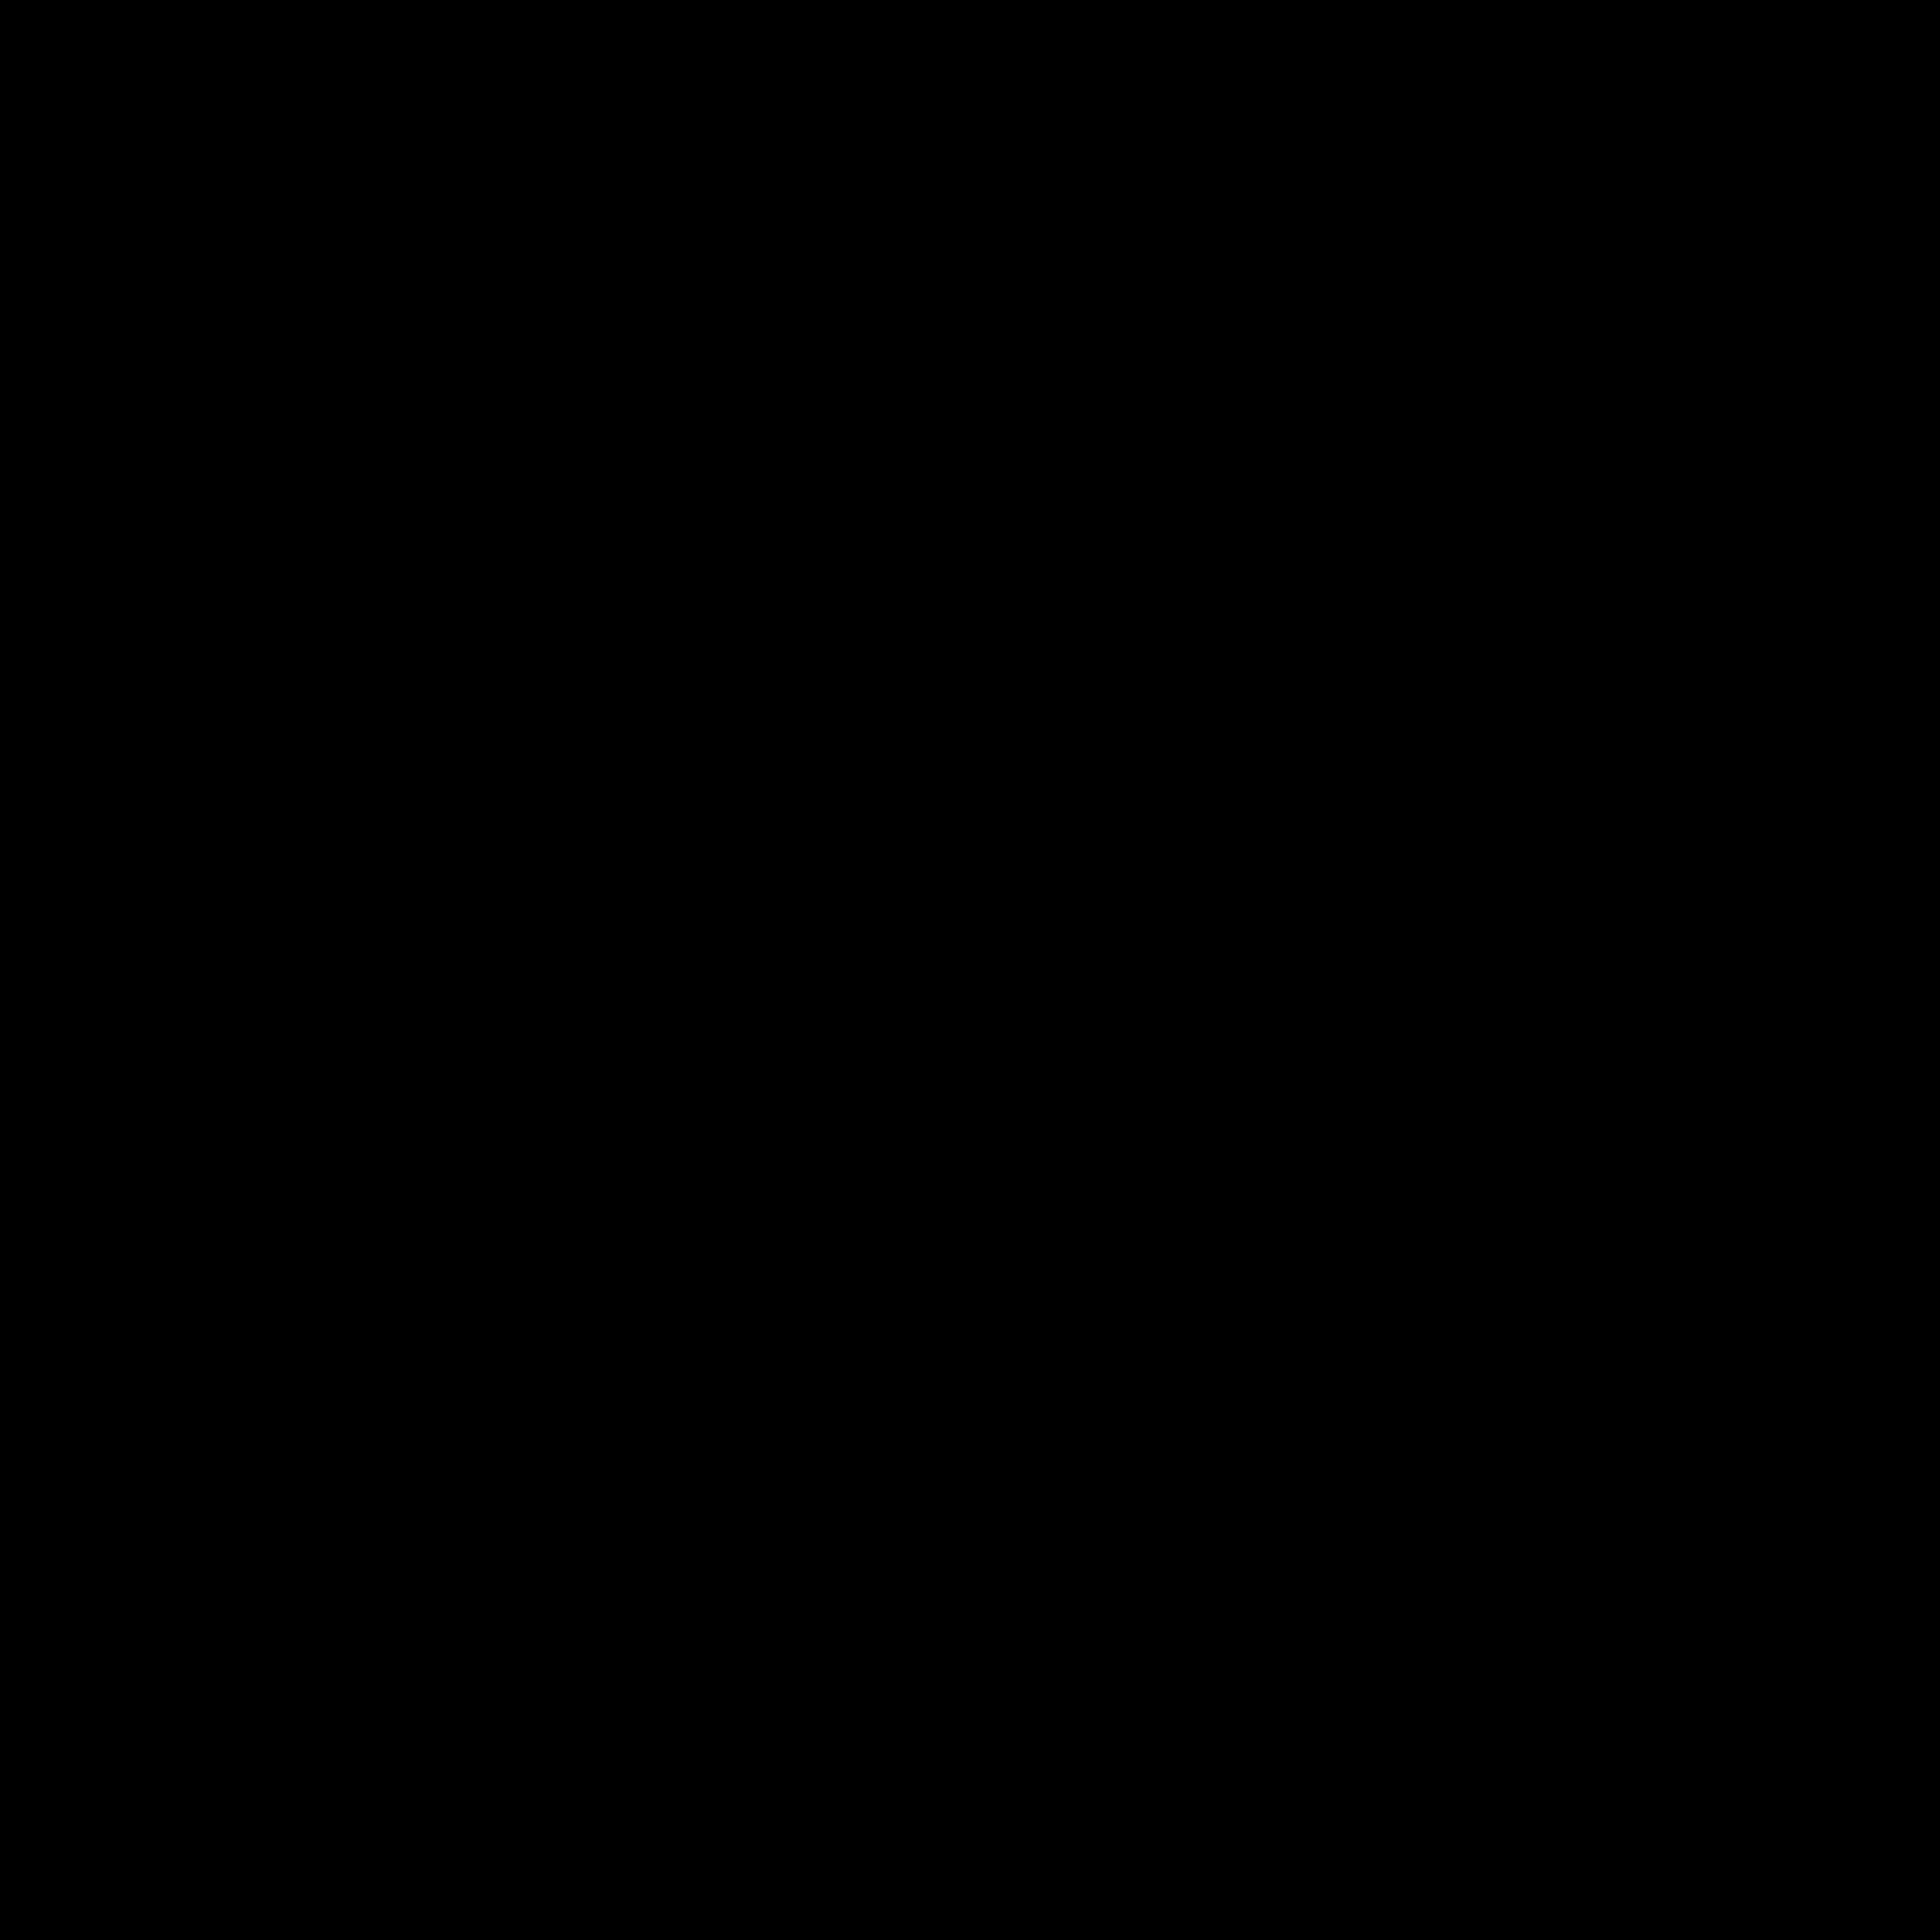 logocu pisica patrat-06.png